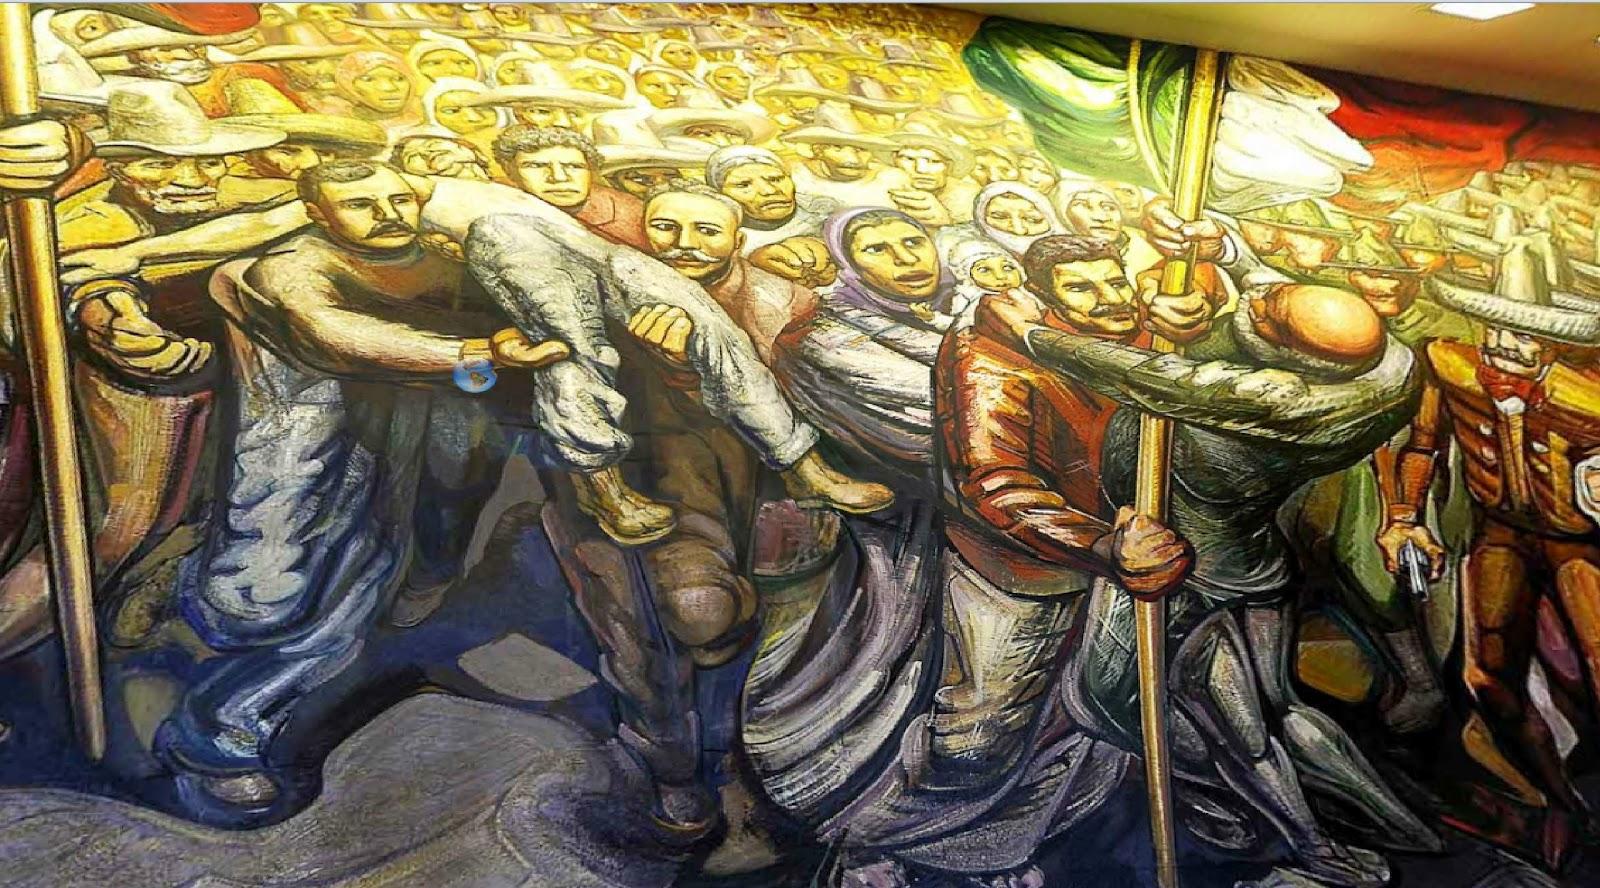 Castillo de chapultepec mural images for Murales para ninos